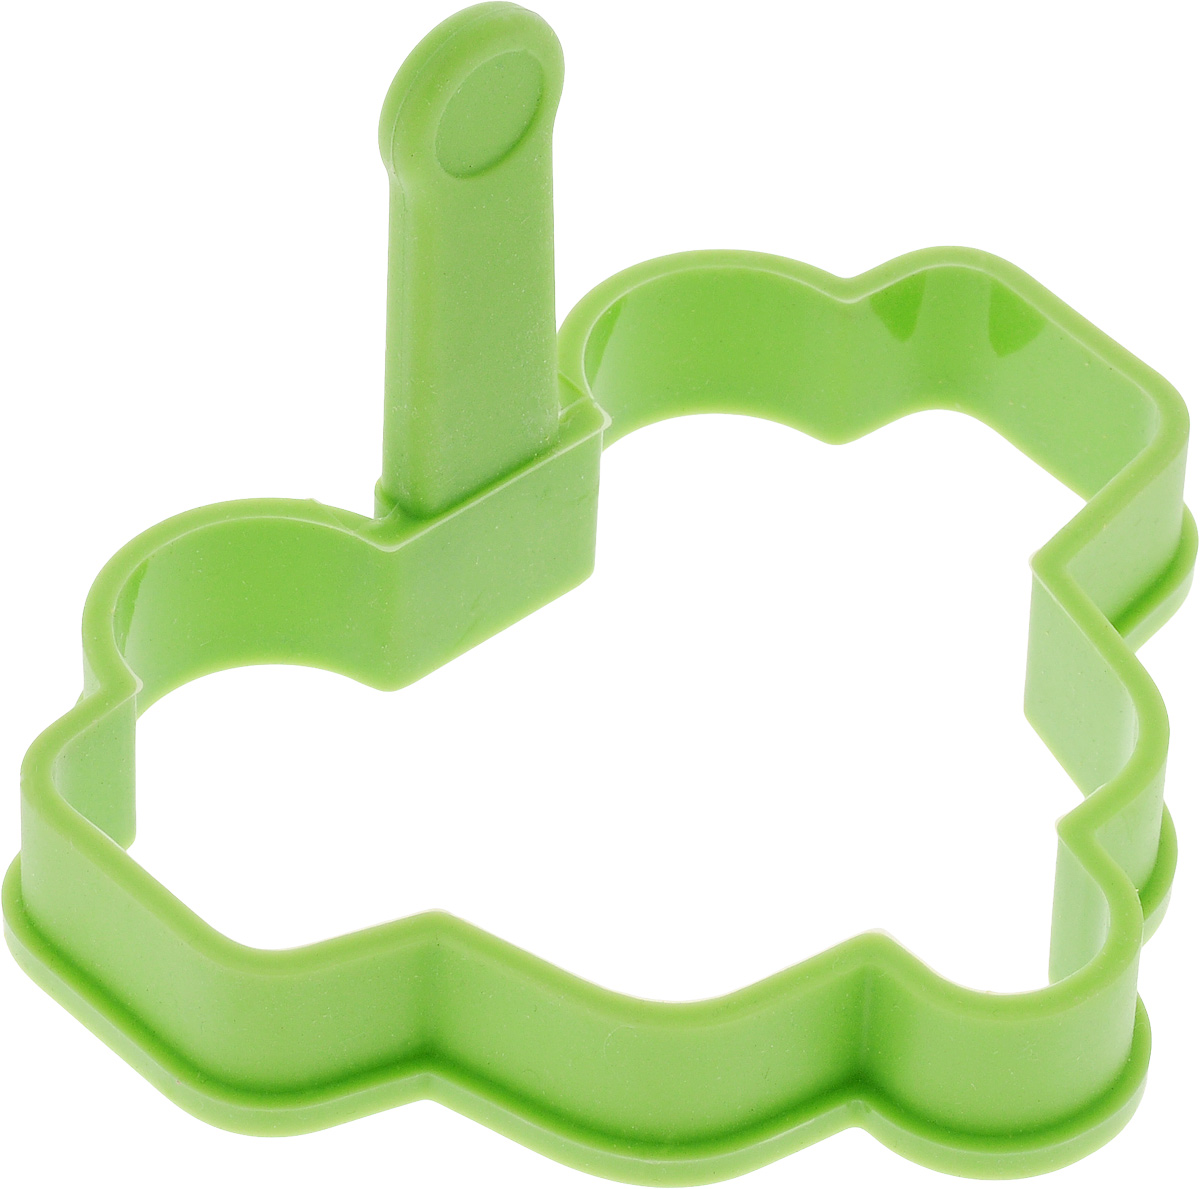 Форма для выпечки Tescoma Delicia Kids. Машинка, 12 х 11 см630913Форма для выпечки Tescoma Delicia Kids. Машинка изготовлена из высококачественного термостойкого силикона, который выдерживает температуру от -40°С до +230°С. Форма идеально подойдет для приготовления глазуньи, омлета, оладьев или драников на сковороде или в духовке, а также для приготовления желе, пудингов. Оснащена удобной ручкой.Можно мыть в посудомоечной машине, использовать в СВЧ-печи и духовке.